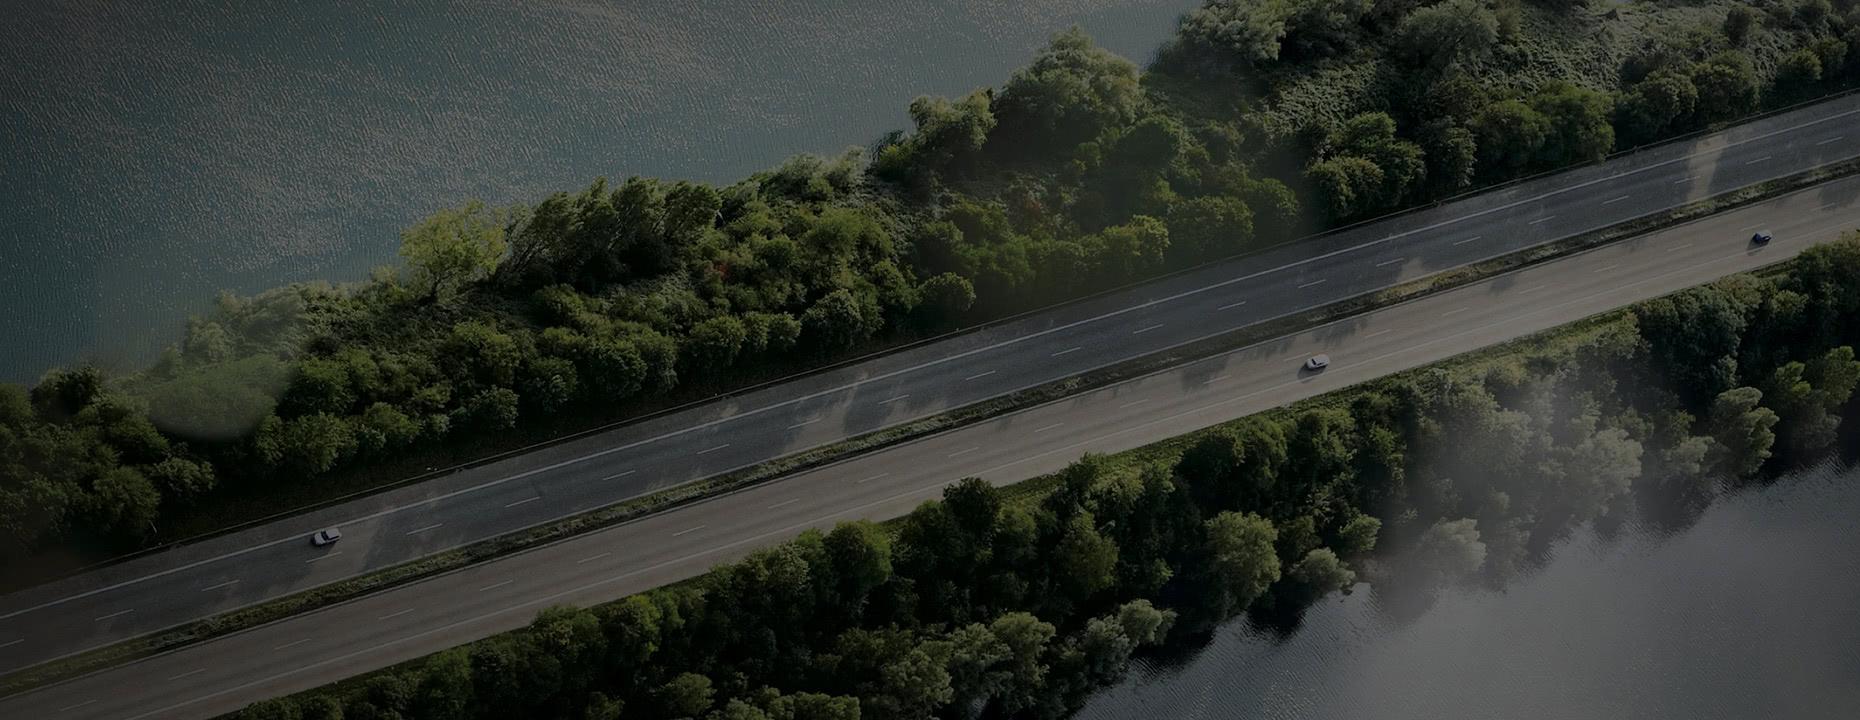 Літнє зниження цін на Hyundai Accent Classic та New Accent | Авто Лідер Захід - фото 8